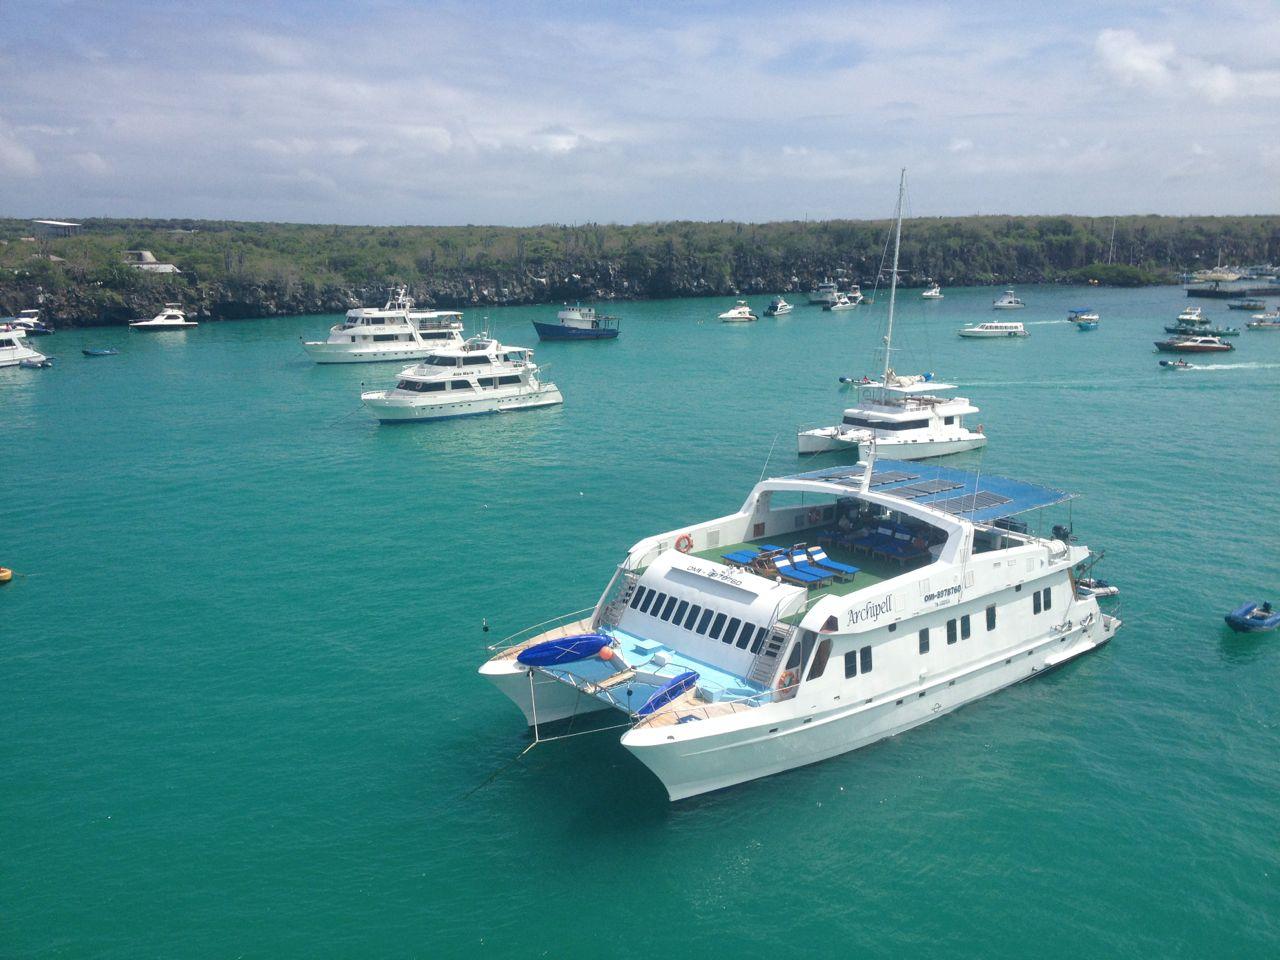 Vor Puerto Ayora liegen haufenweise kleine Kreuzfahrtschiffe um die hapa na sasa herum